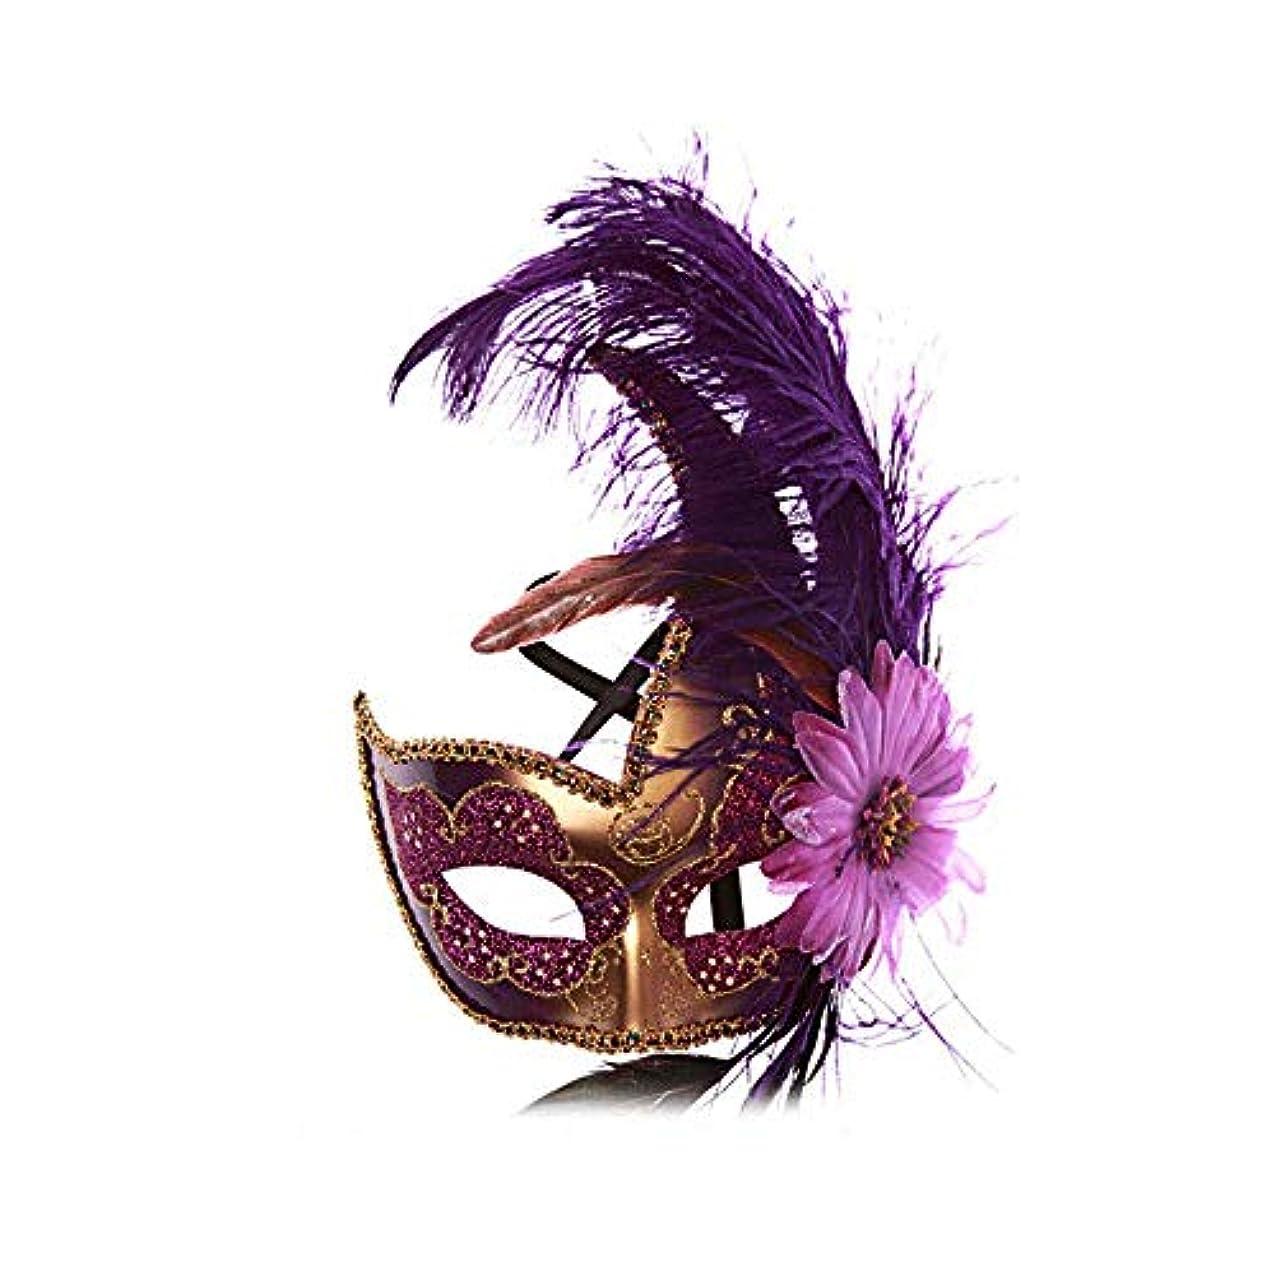 タイヤむさぼり食う解放Nanle ハロウィンマスクハーフフェザーマスクベニスプリンセスマスク美容レース仮面ライダーコスプレ (色 : Style B purple)